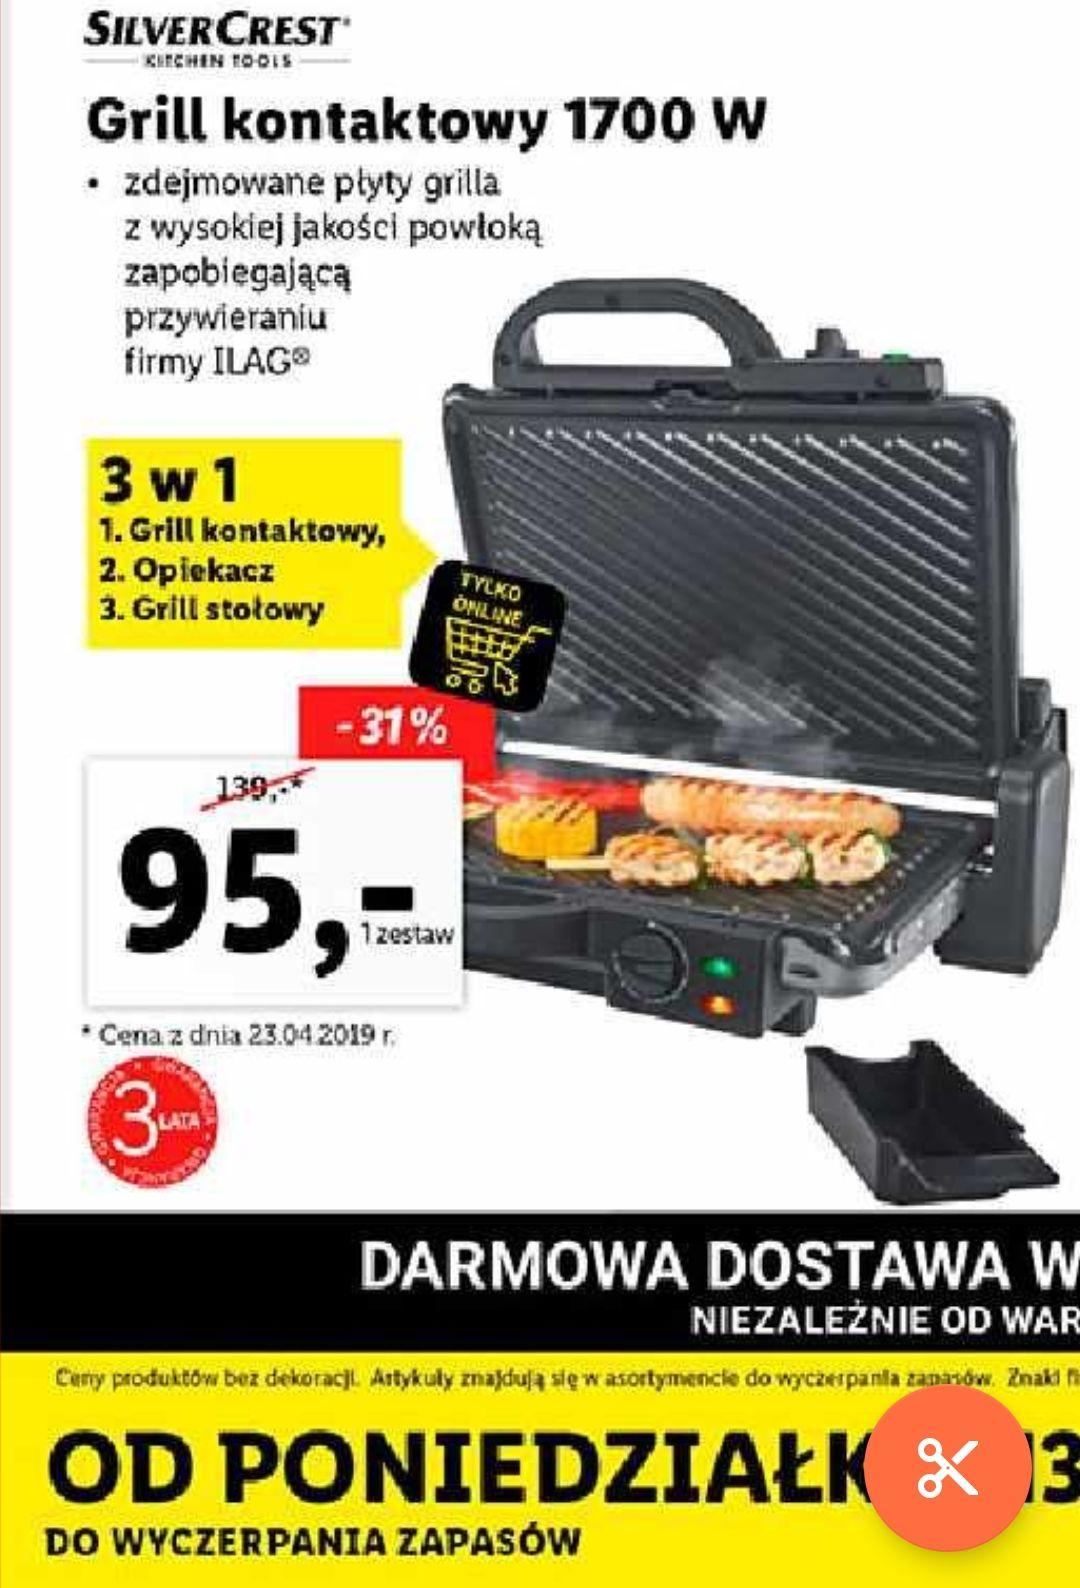 Grill elektryczny kontaktowy 3w1 1700W SilverCrest@lidl-sklep.pl